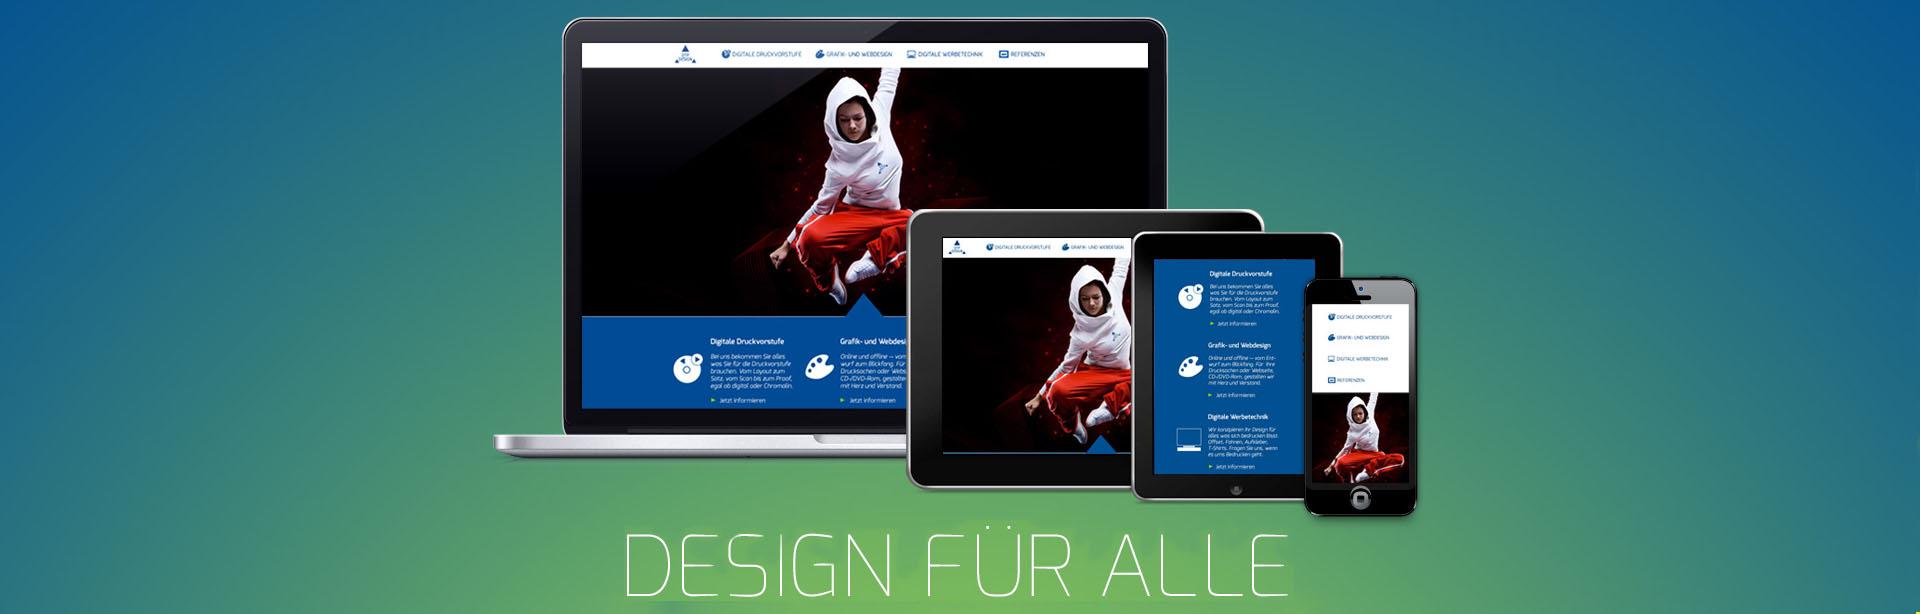 Grafik- und Webdesign für alle Papiere und Geräte optimiert